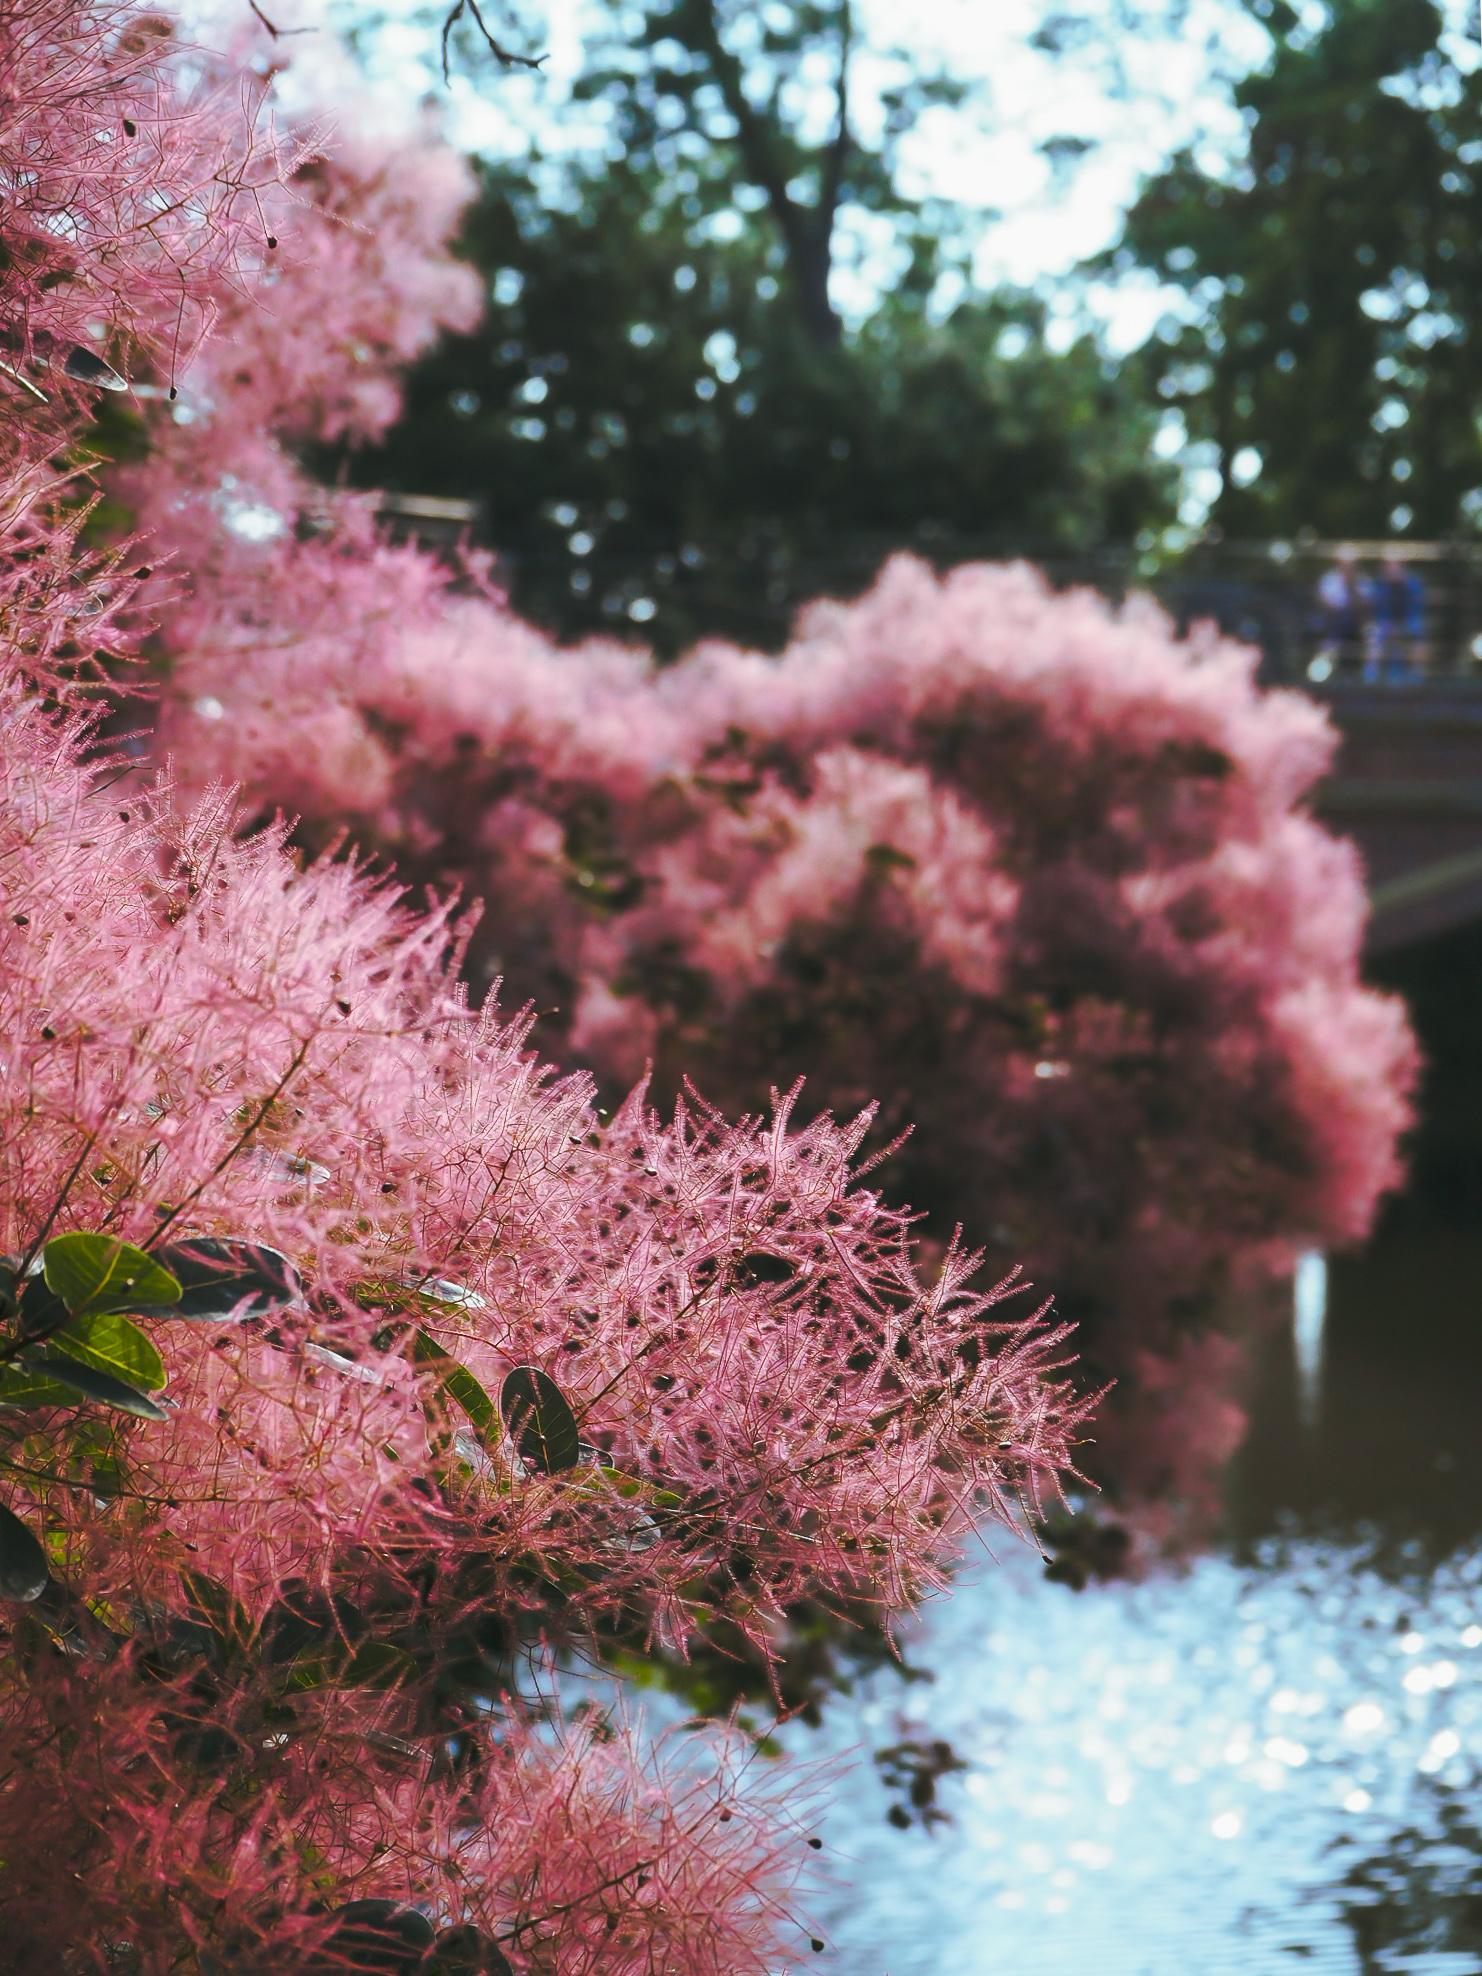 Free Images Smoke Bush Pink Flowers River Bridge Kornik